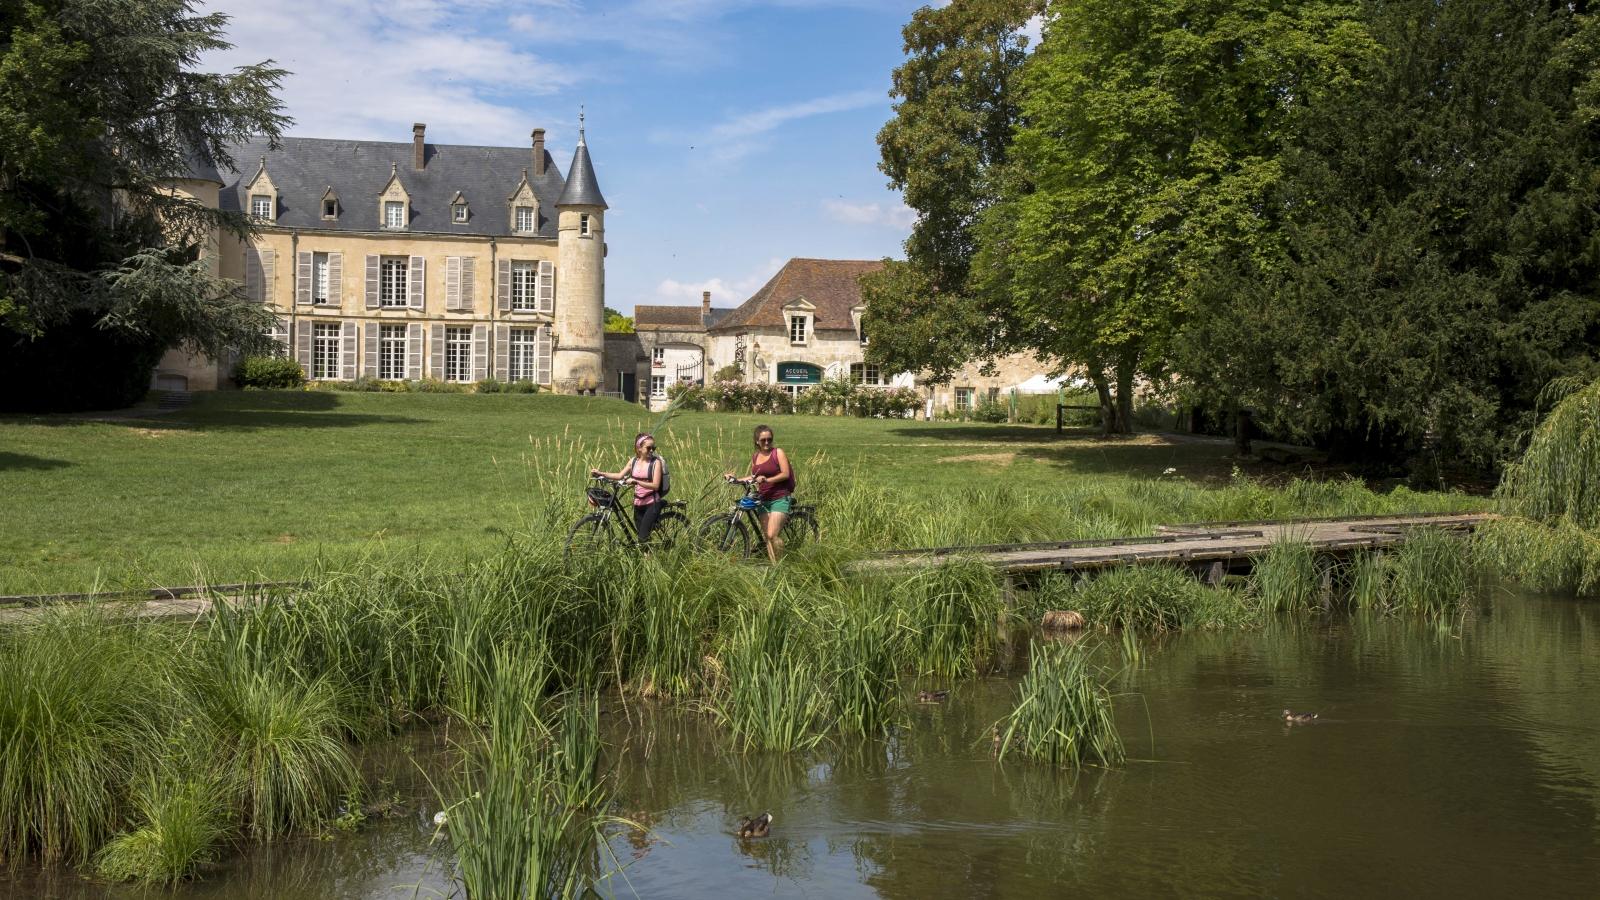 Photo de deux cyclistes en balade dans le parc de la Maison du Parc du PNR Vexin français à Théméricourt, Val-d'Oise (95). On y aperçoit le château de la Maison du Parc en fond, et en premier plan une randonnée à vélo.